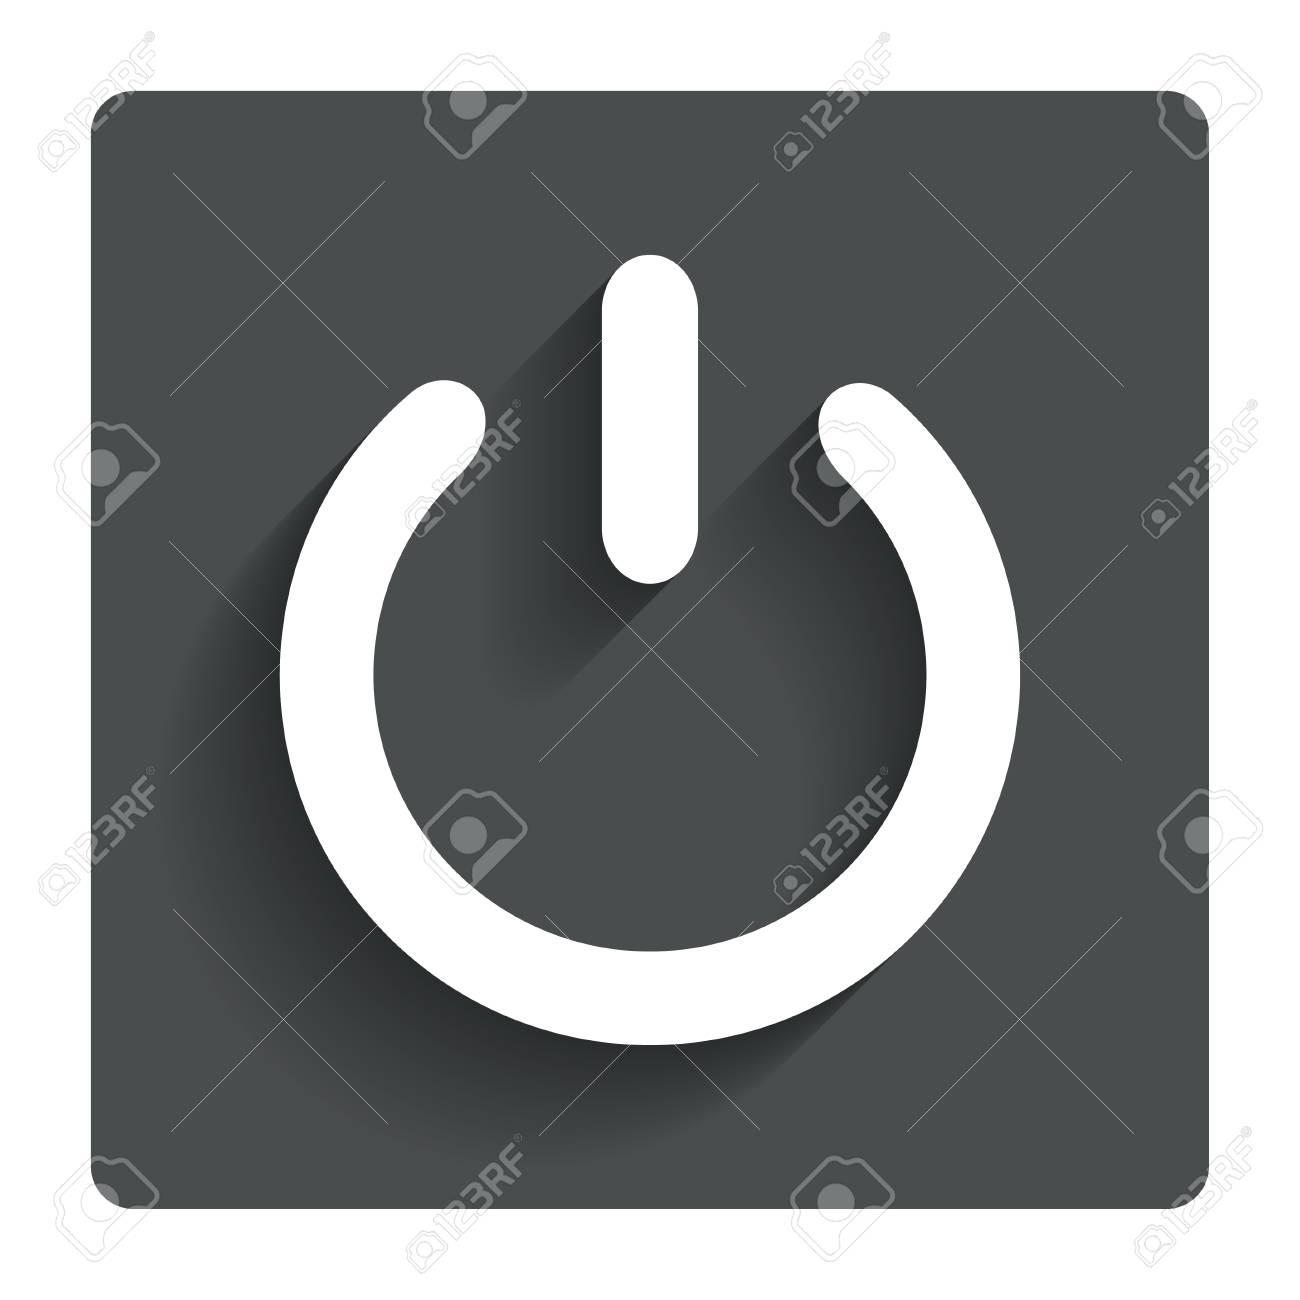 Ausgezeichnet Dpst Symbol Ideen - Schaltplan Serie Circuit ...